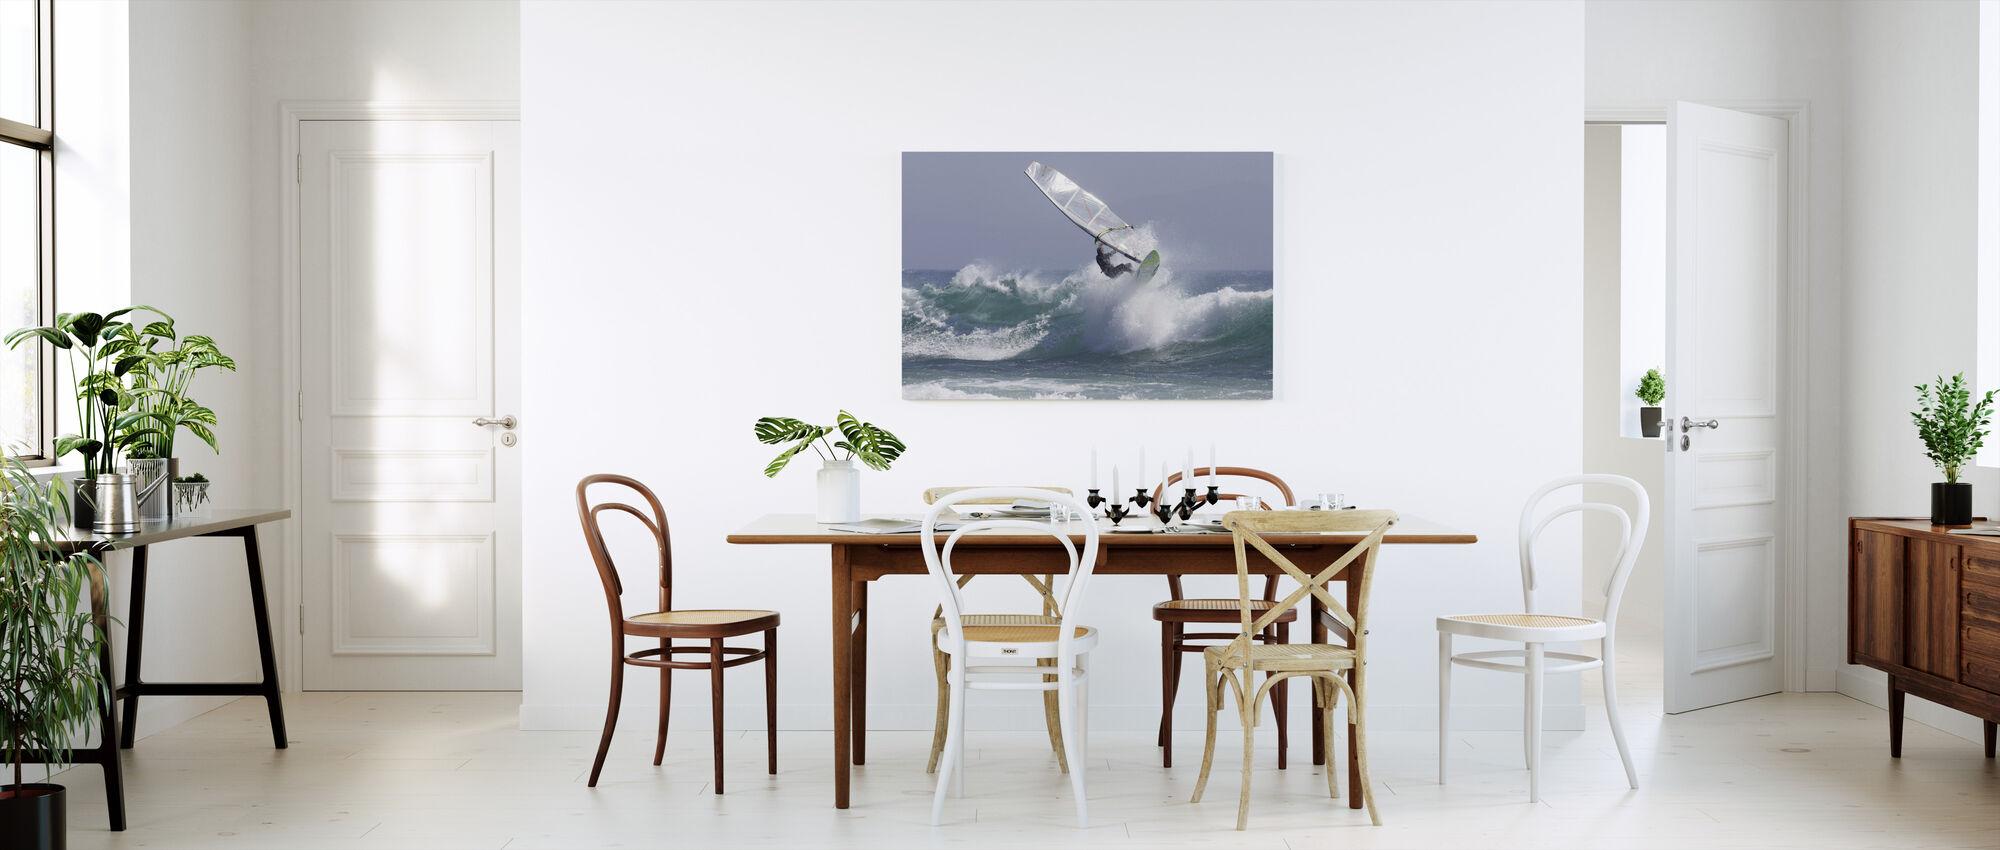 Windsurfing - Canvas print - Kitchen